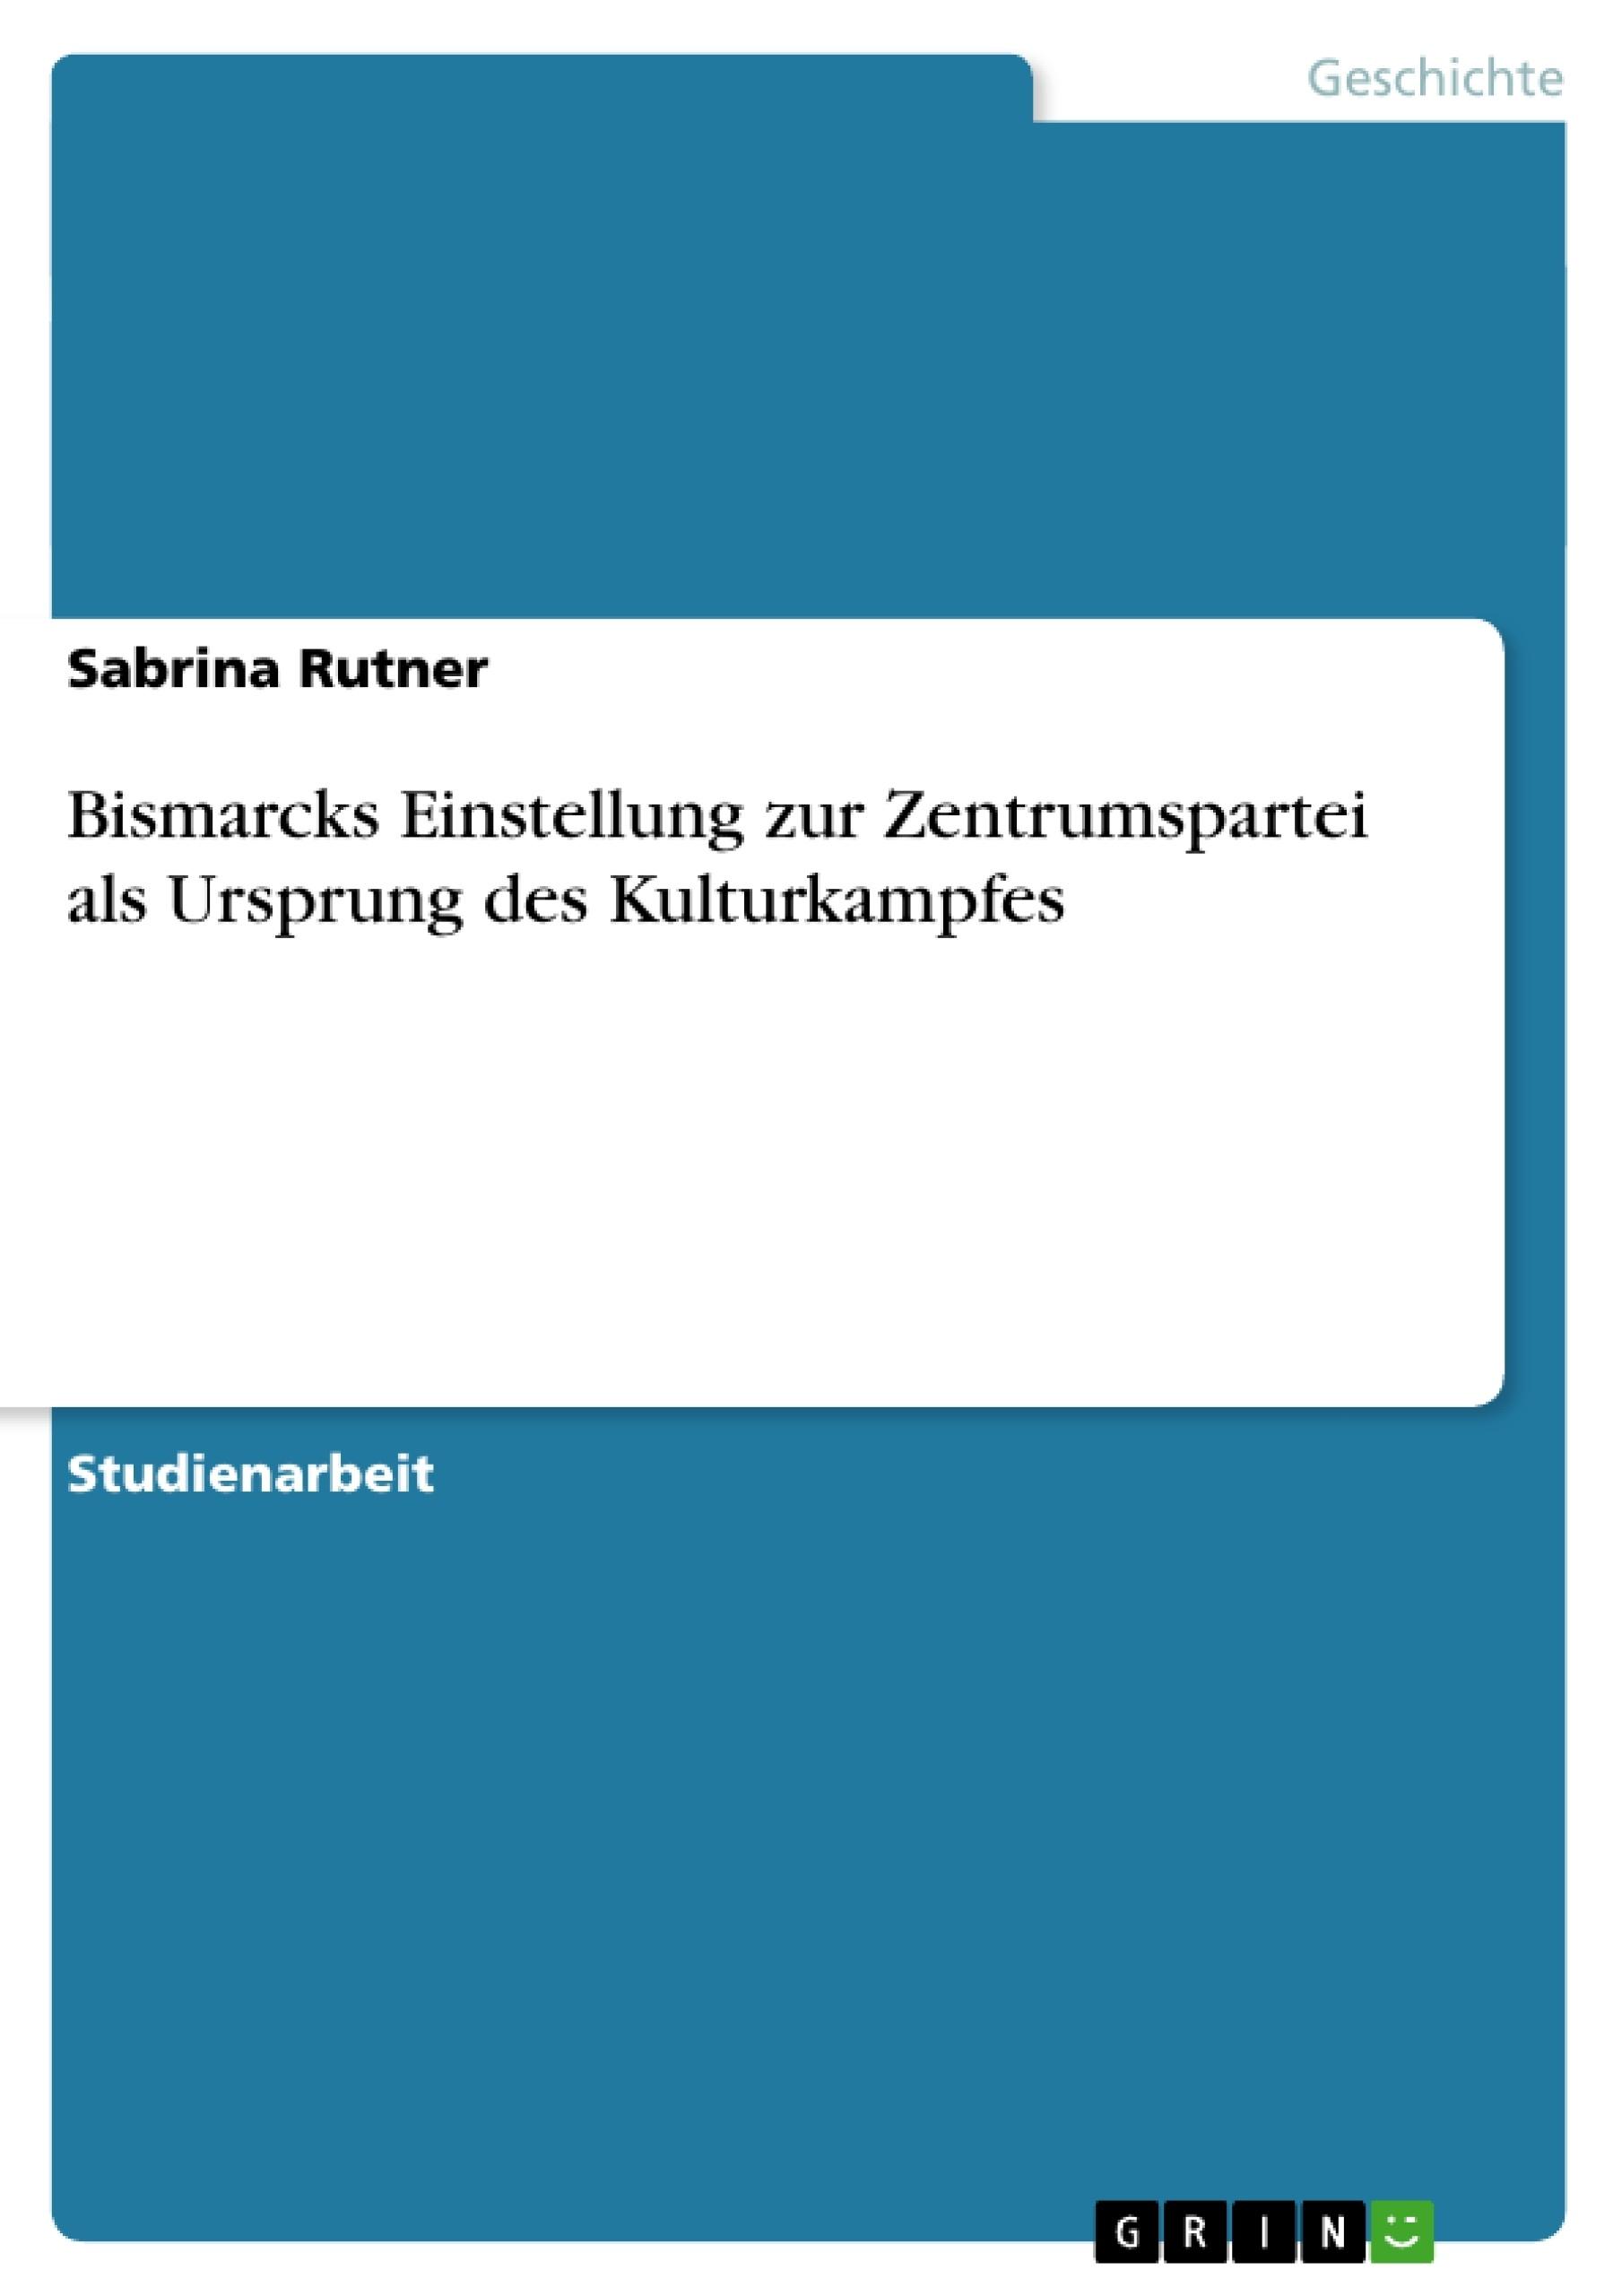 Titel: Bismarcks Einstellung zur Zentrumspartei als Ursprung des Kulturkampfes